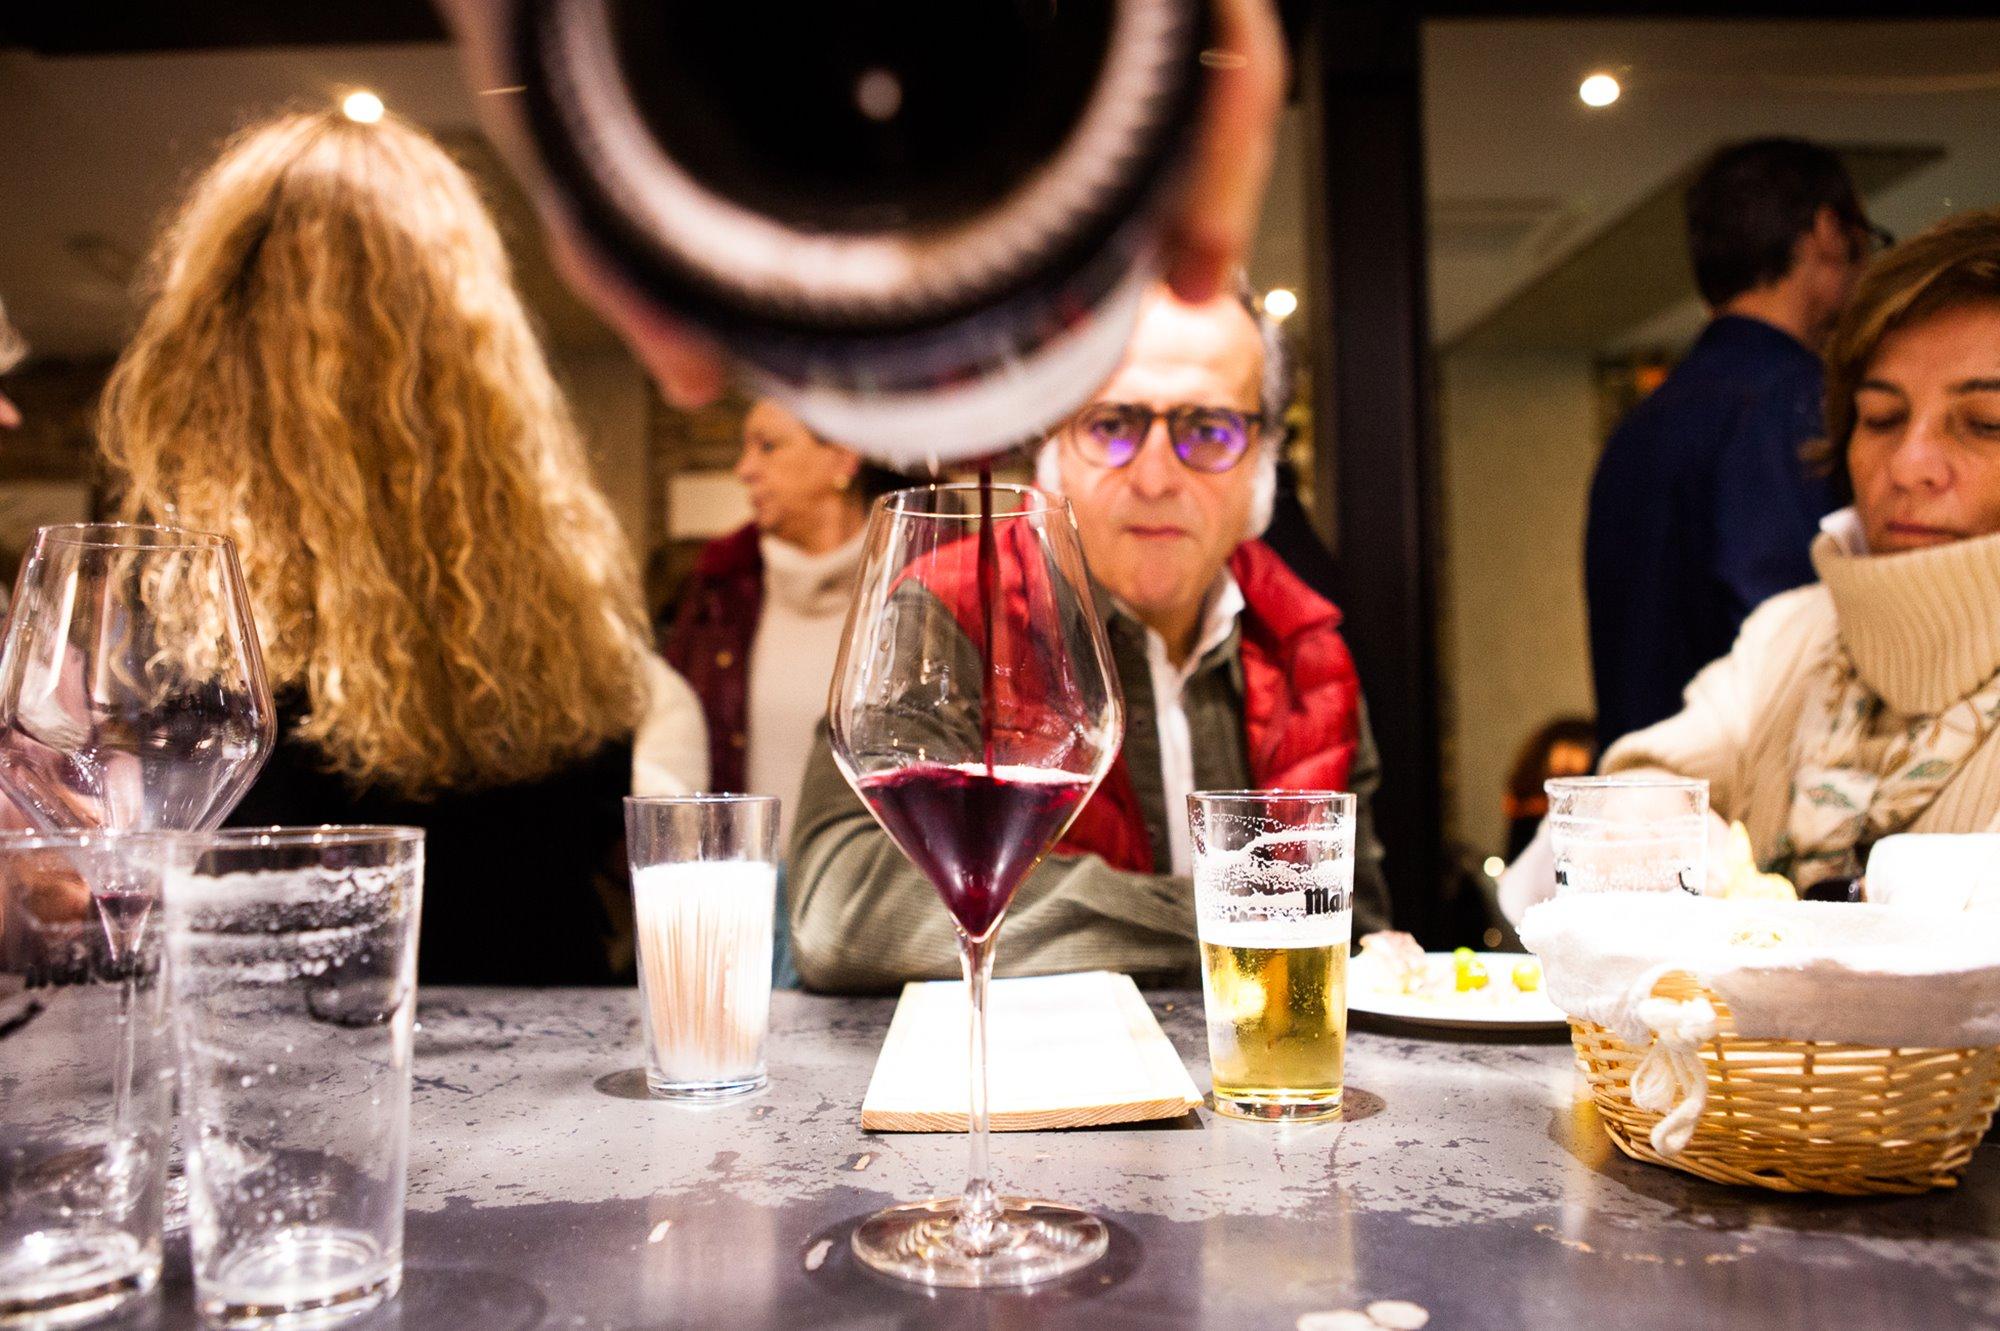 Las referencias de vinos cambian cada semana en 'La Sal'.